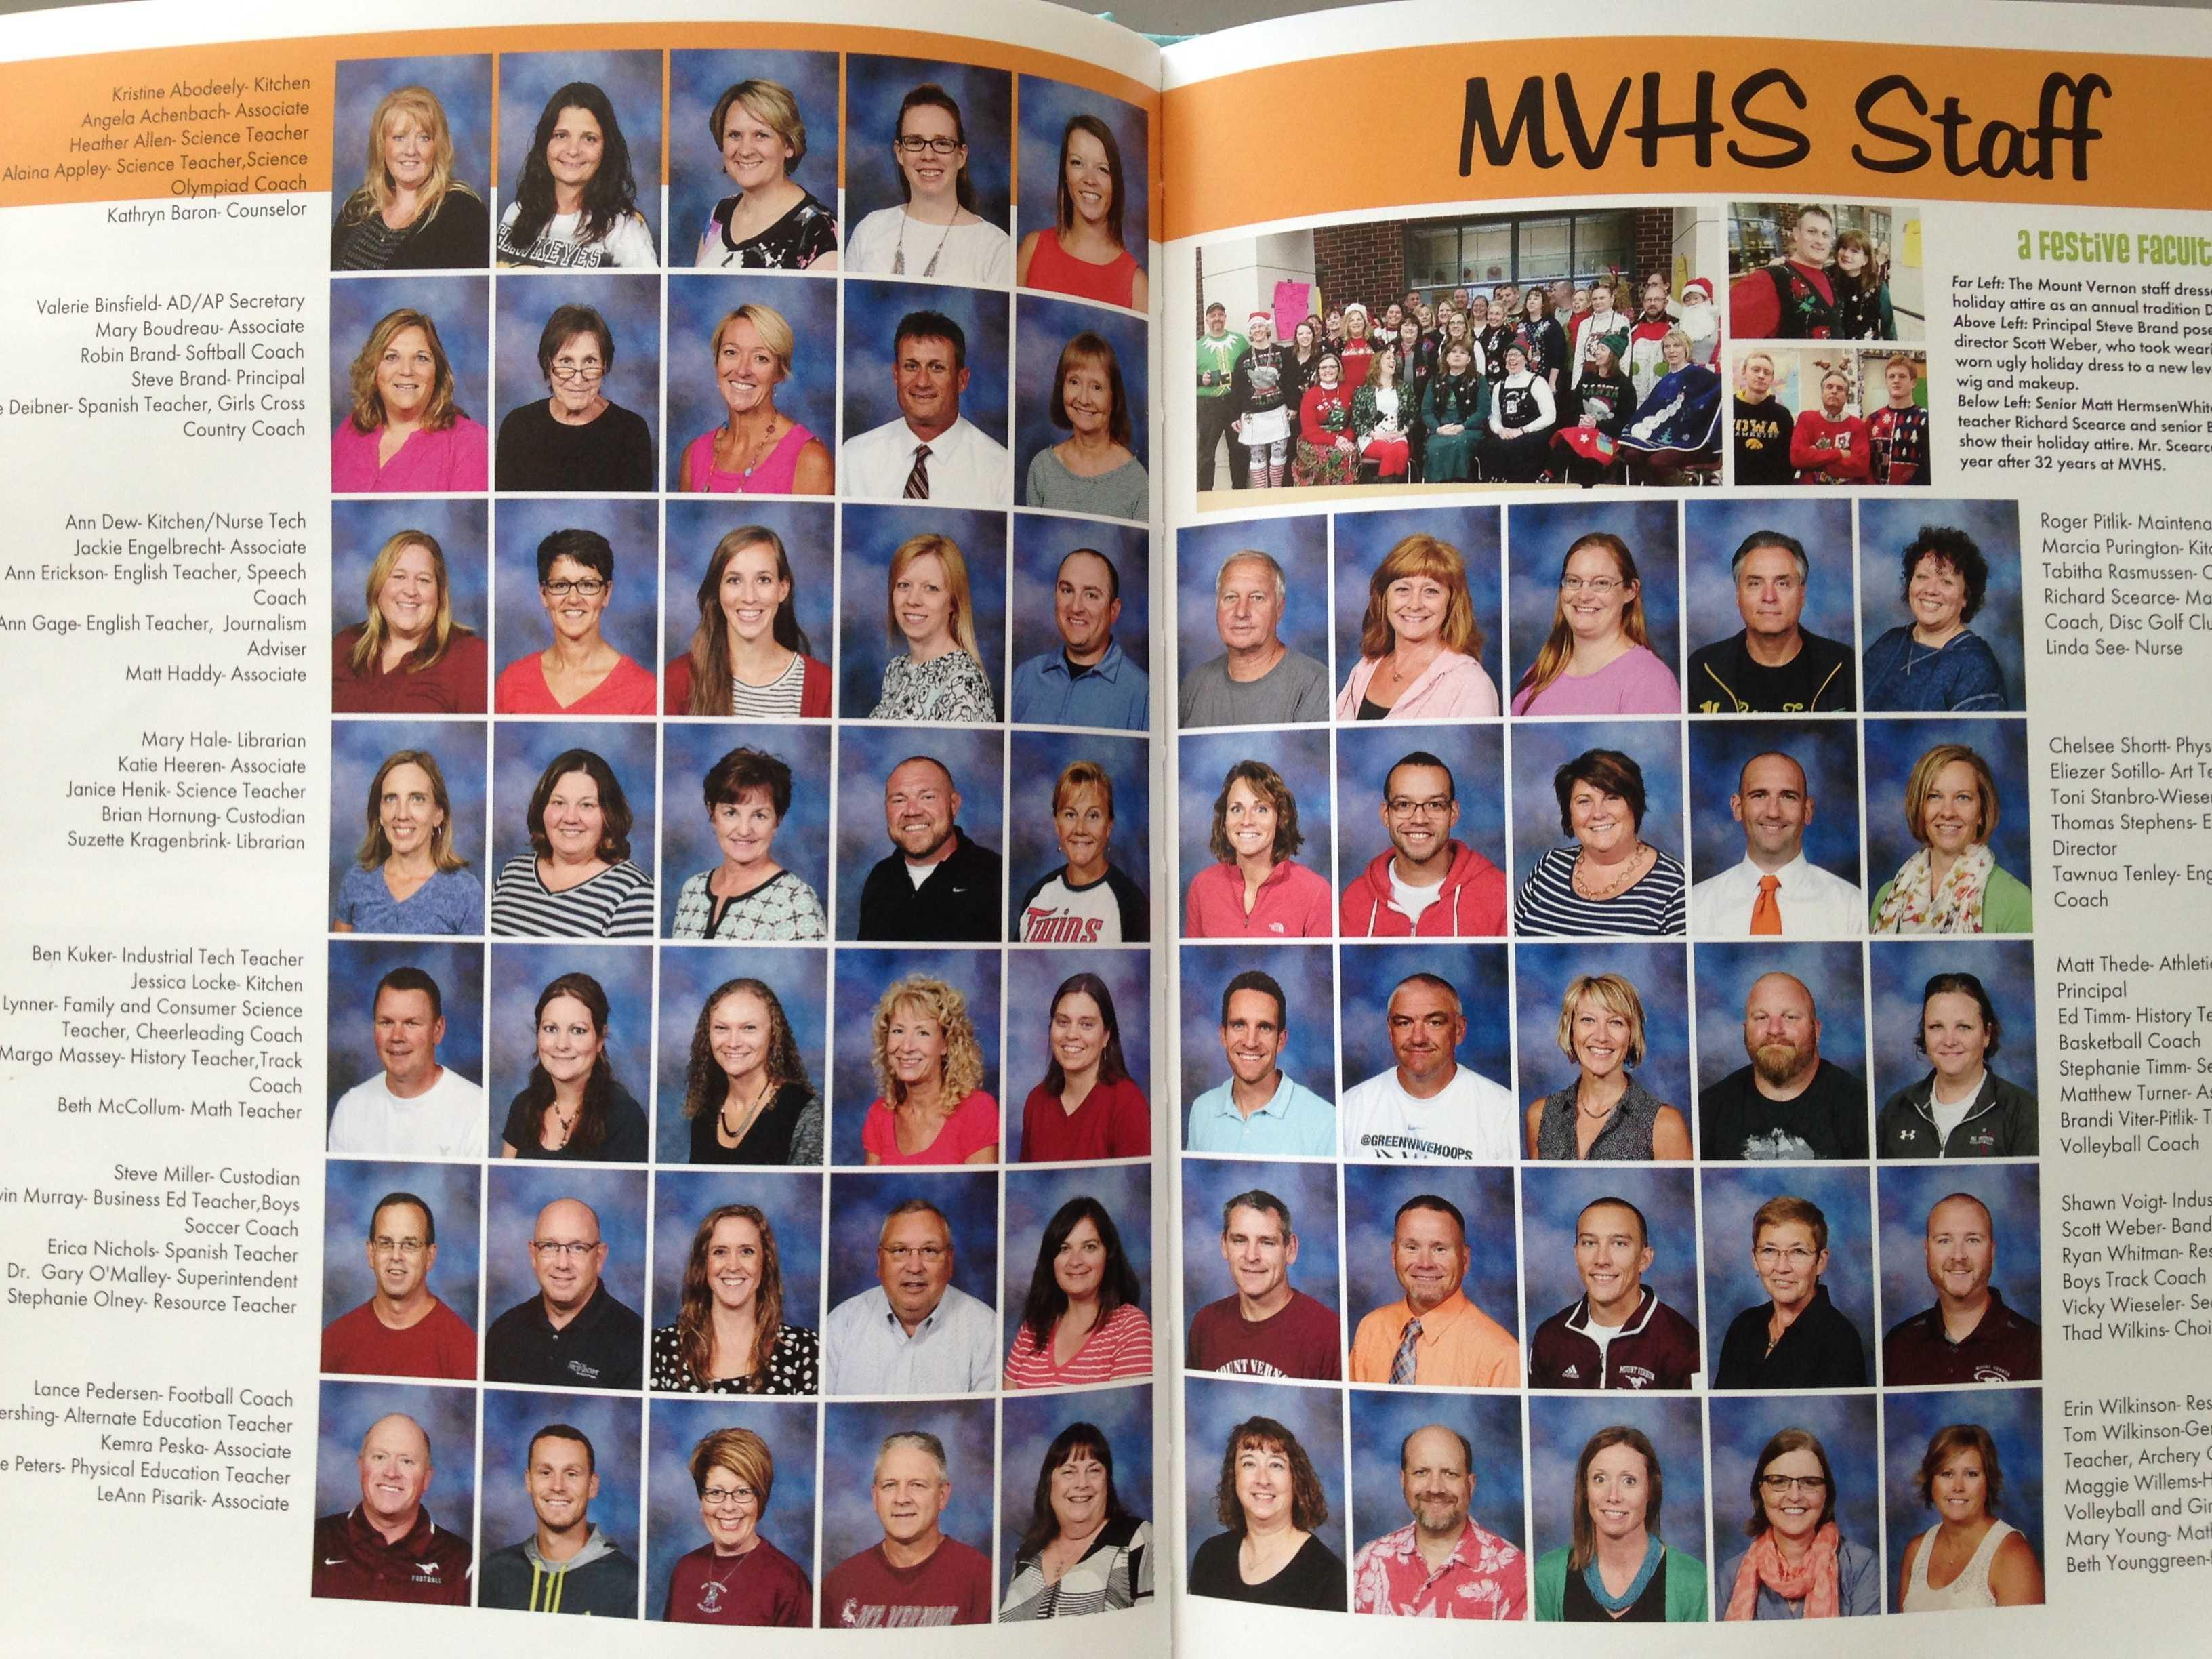 Survey Reveals Favorite Teachers at MVHS